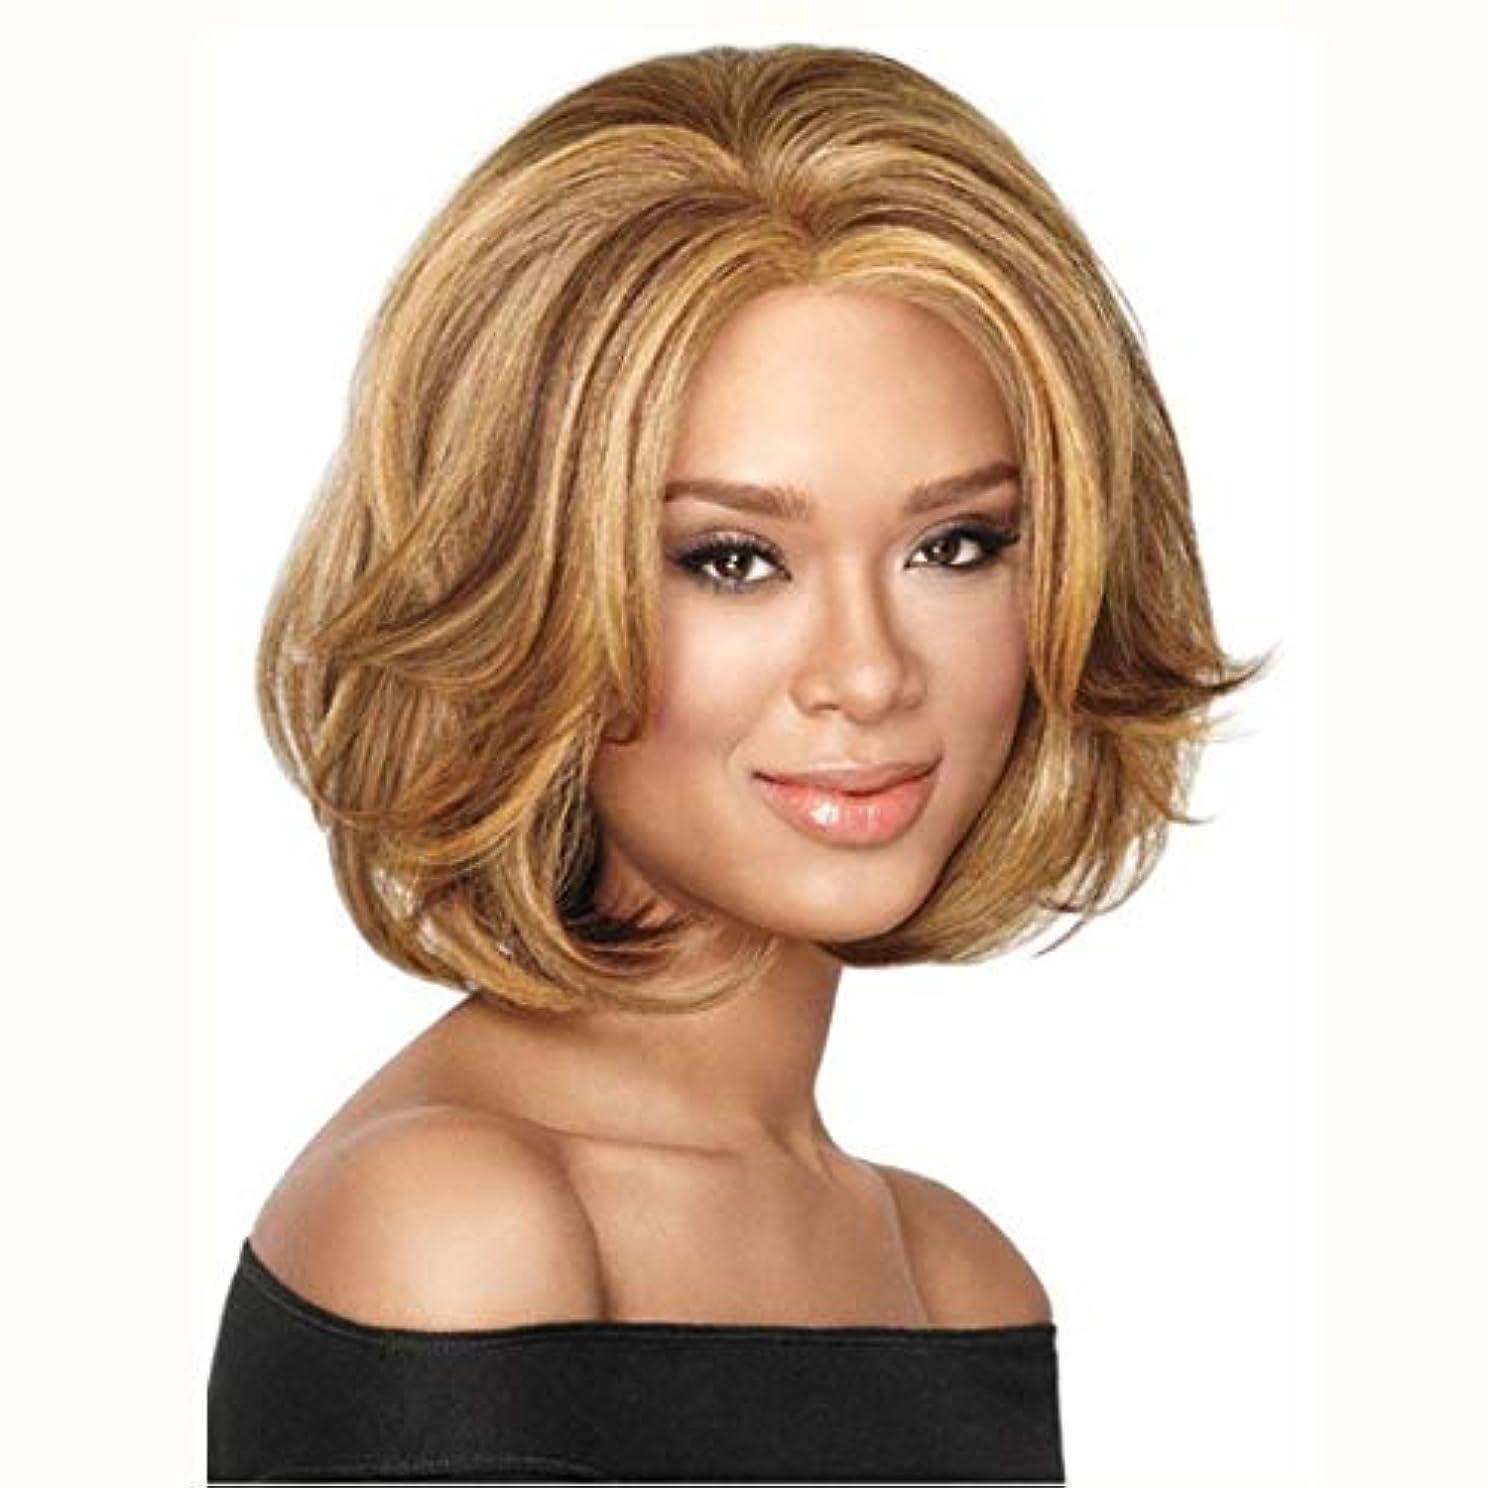 圧縮する五十より良いSummerys 短い髪ゴールデン巻き毛ふわふわ短い巻き毛ハイライトウィッグ女性用ヘッドギア